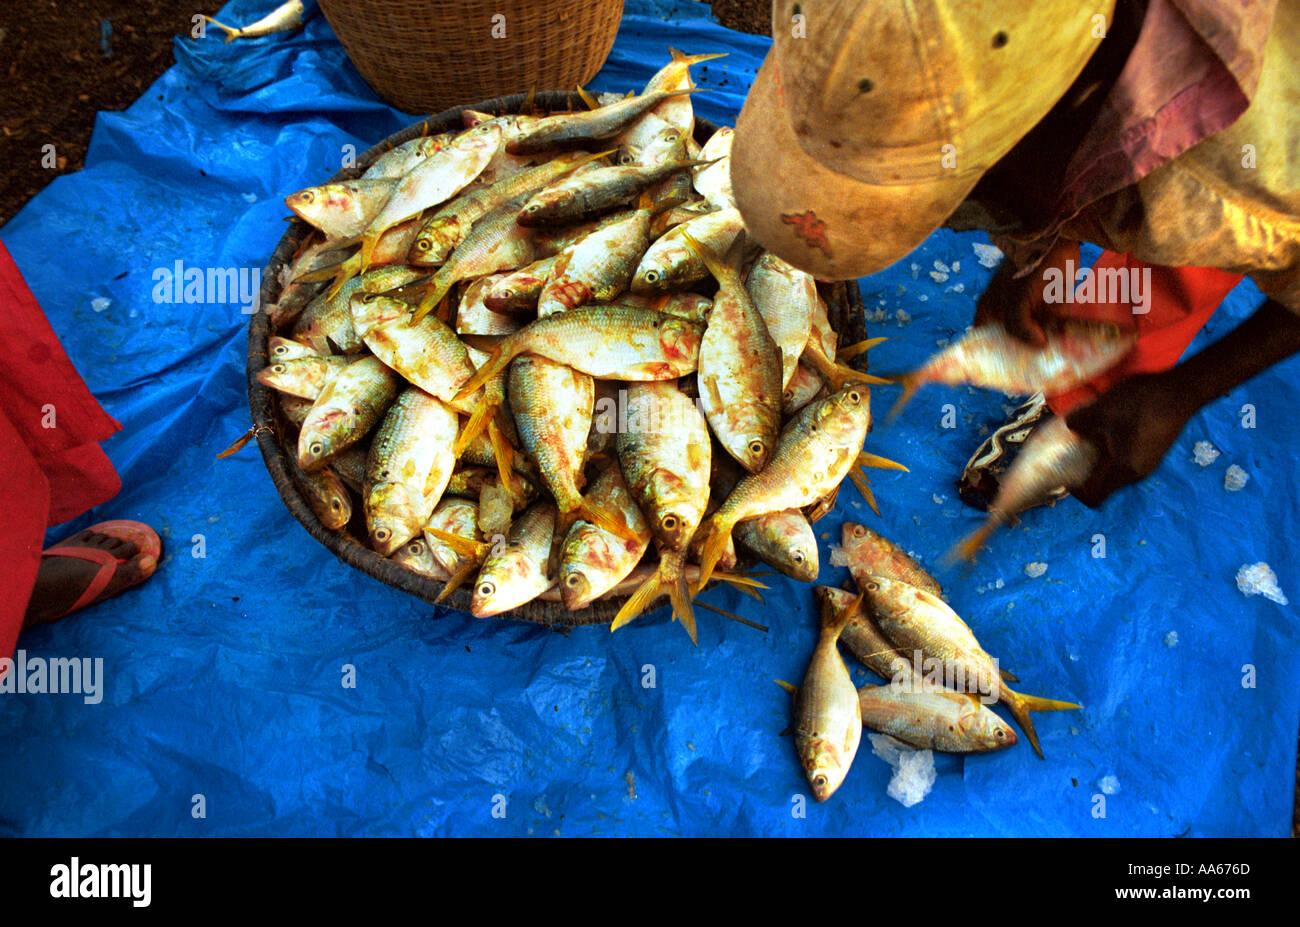 Locali e della Mauritania pescatori senegalesi portare nei giorni raccolto nei pressi della capitale Nouakchott in Mauritania Africa occidentale Immagini Stock